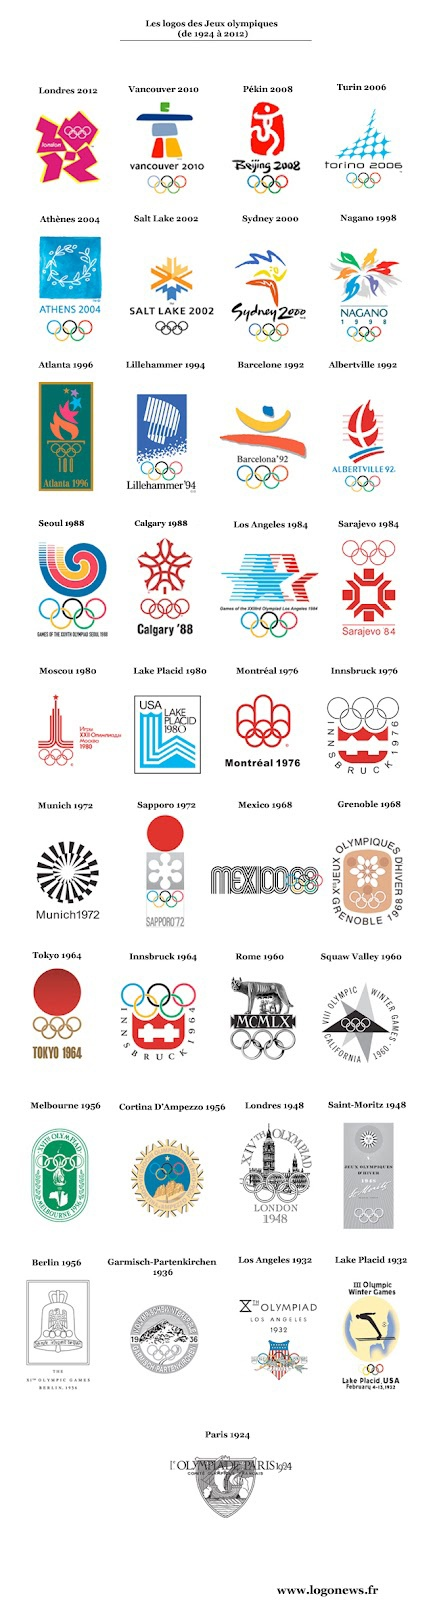 LOGONEWS Les news des logos, l'actualité des identités visuelles par l'agence be dandy: Les logos des Jeux olympiques